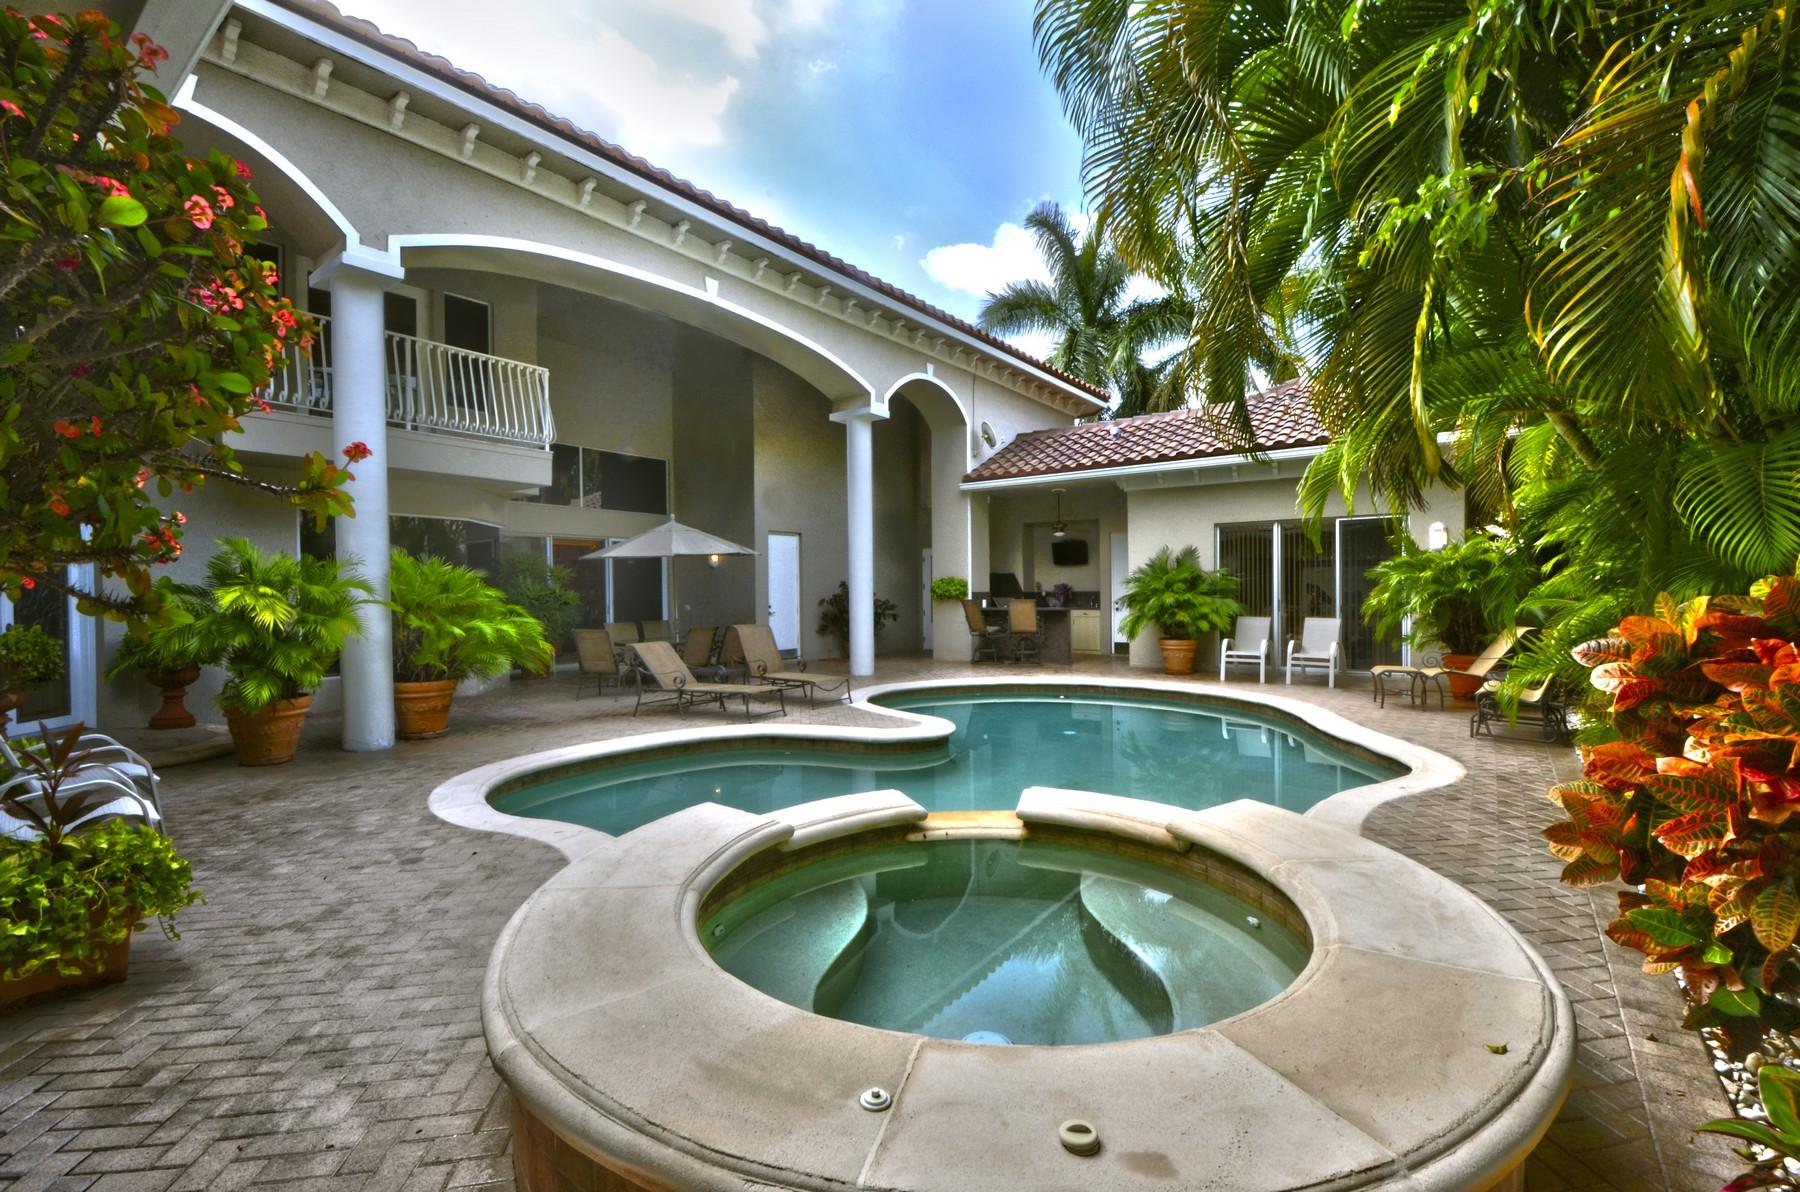 一戸建て のために 売買 アット 3221 NW 61st St , Boca Raton, FL 33496 Boca Raton, フロリダ 33496 アメリカ合衆国